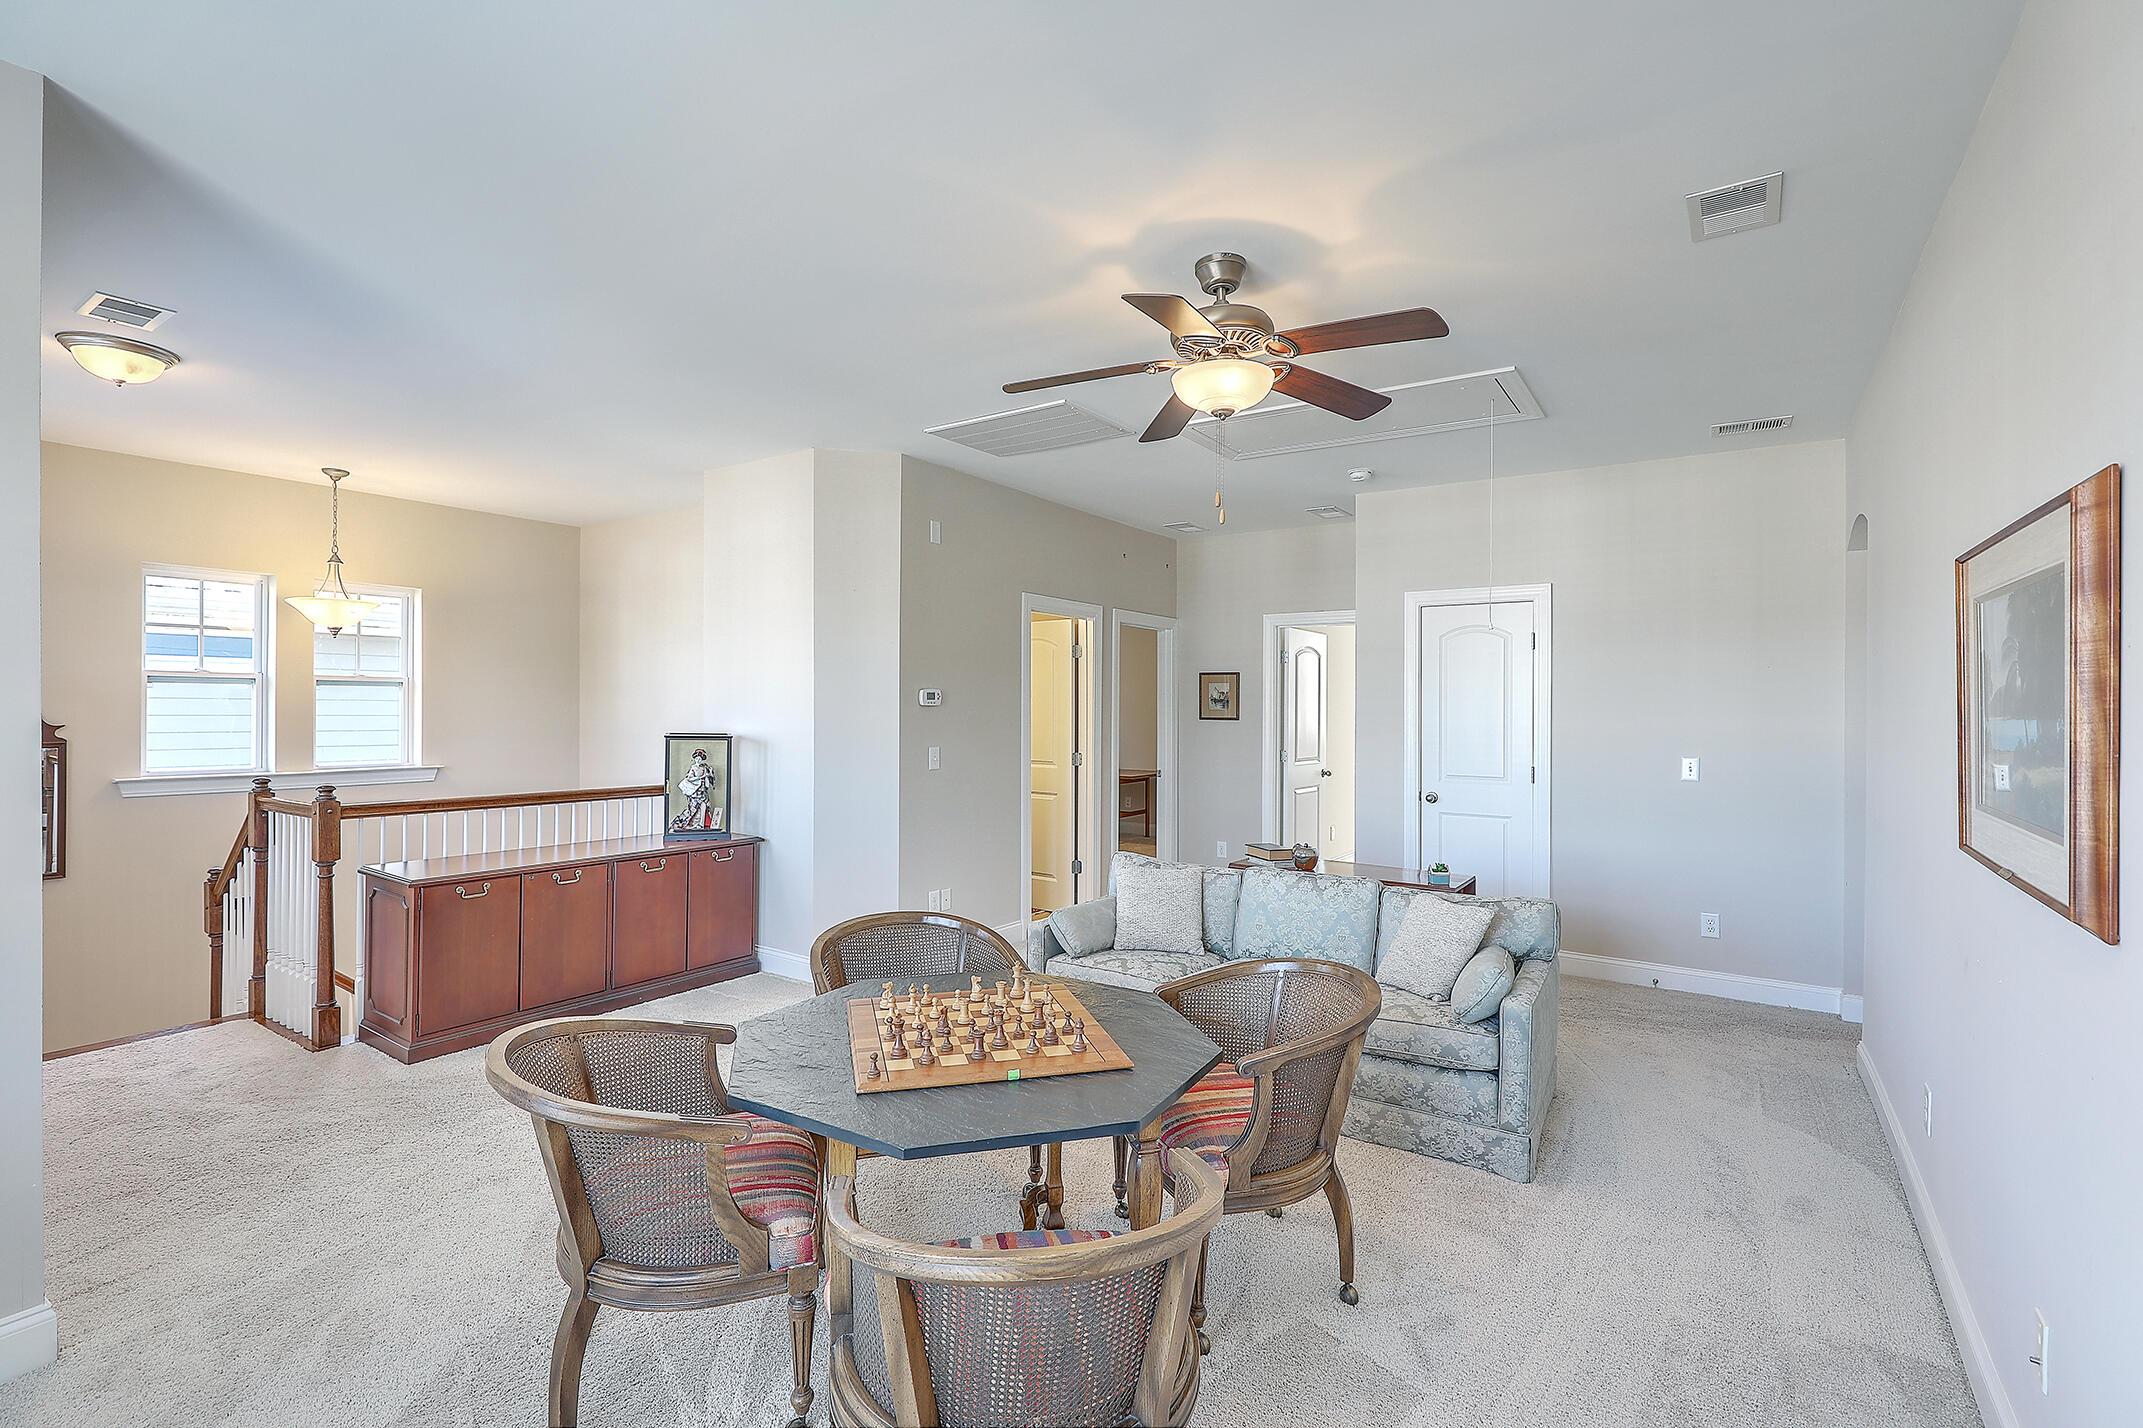 Carnes Crossroads Homes For Sale - 627 Van Buren, Summerville, SC - 16